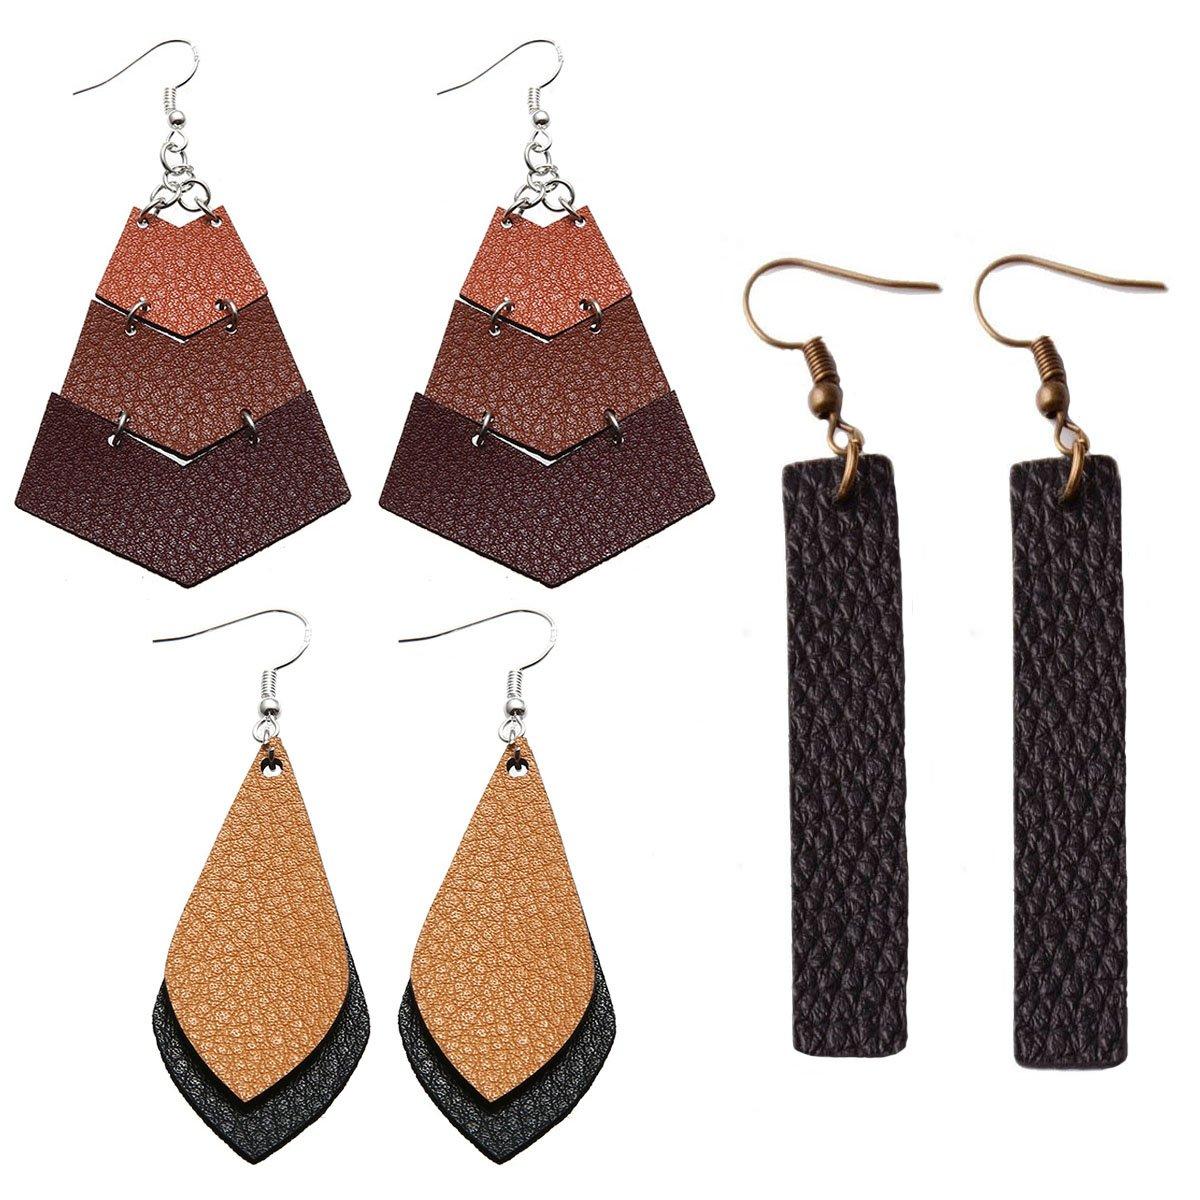 3 Pairs Faux Leather Teardrop Earrings Real Leather Hook Earrings Antique Looking Leaf Shape Dangle Drop Pierced Earrings for Women, Girls by JLZK